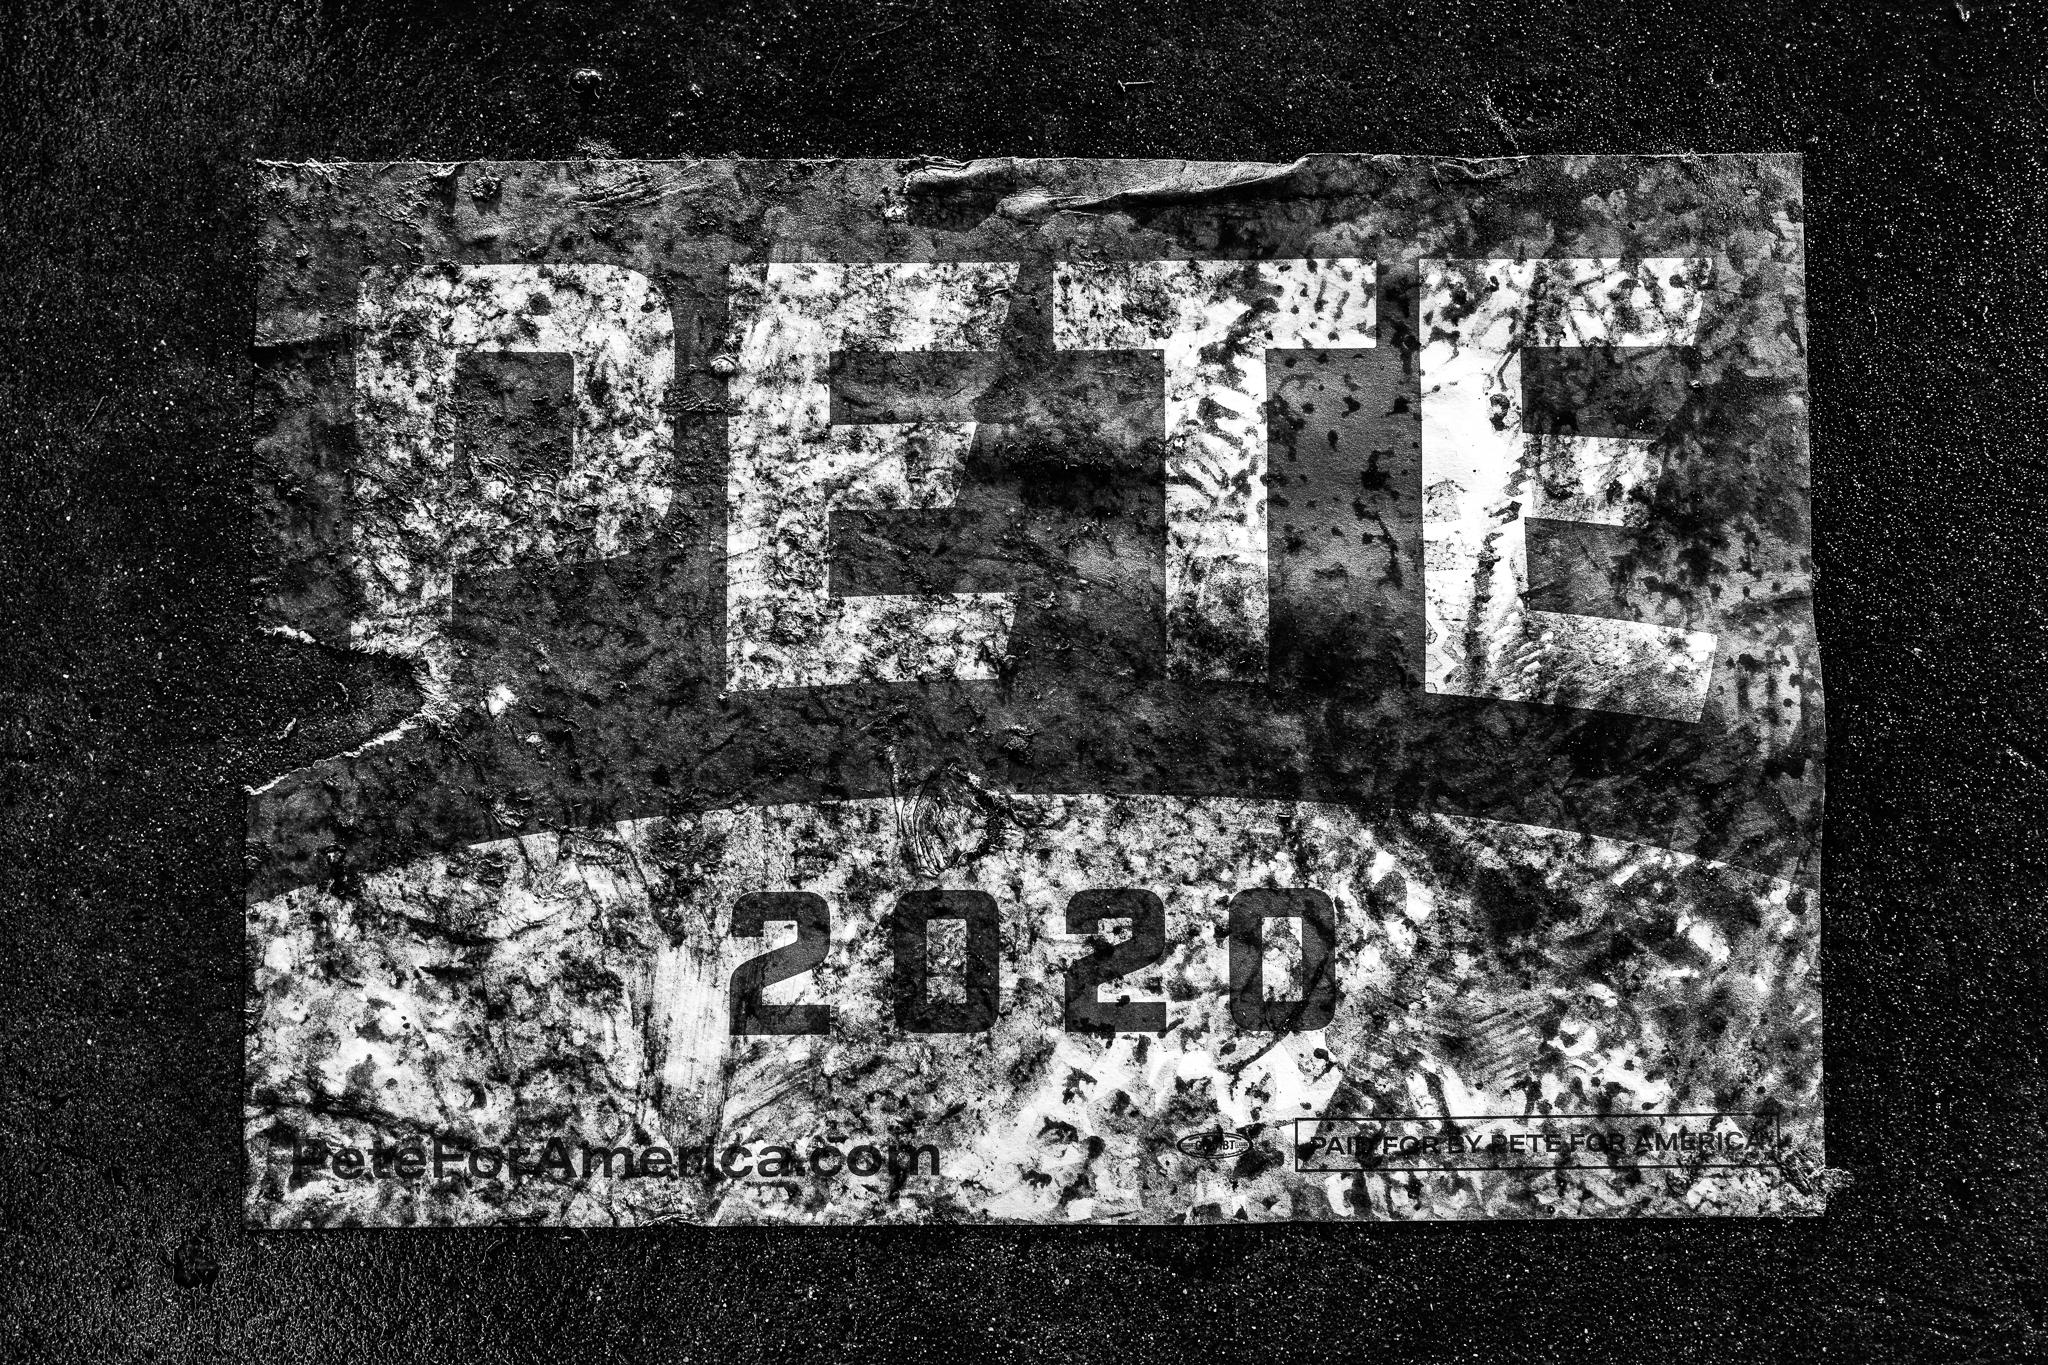 Pete-003.jpg